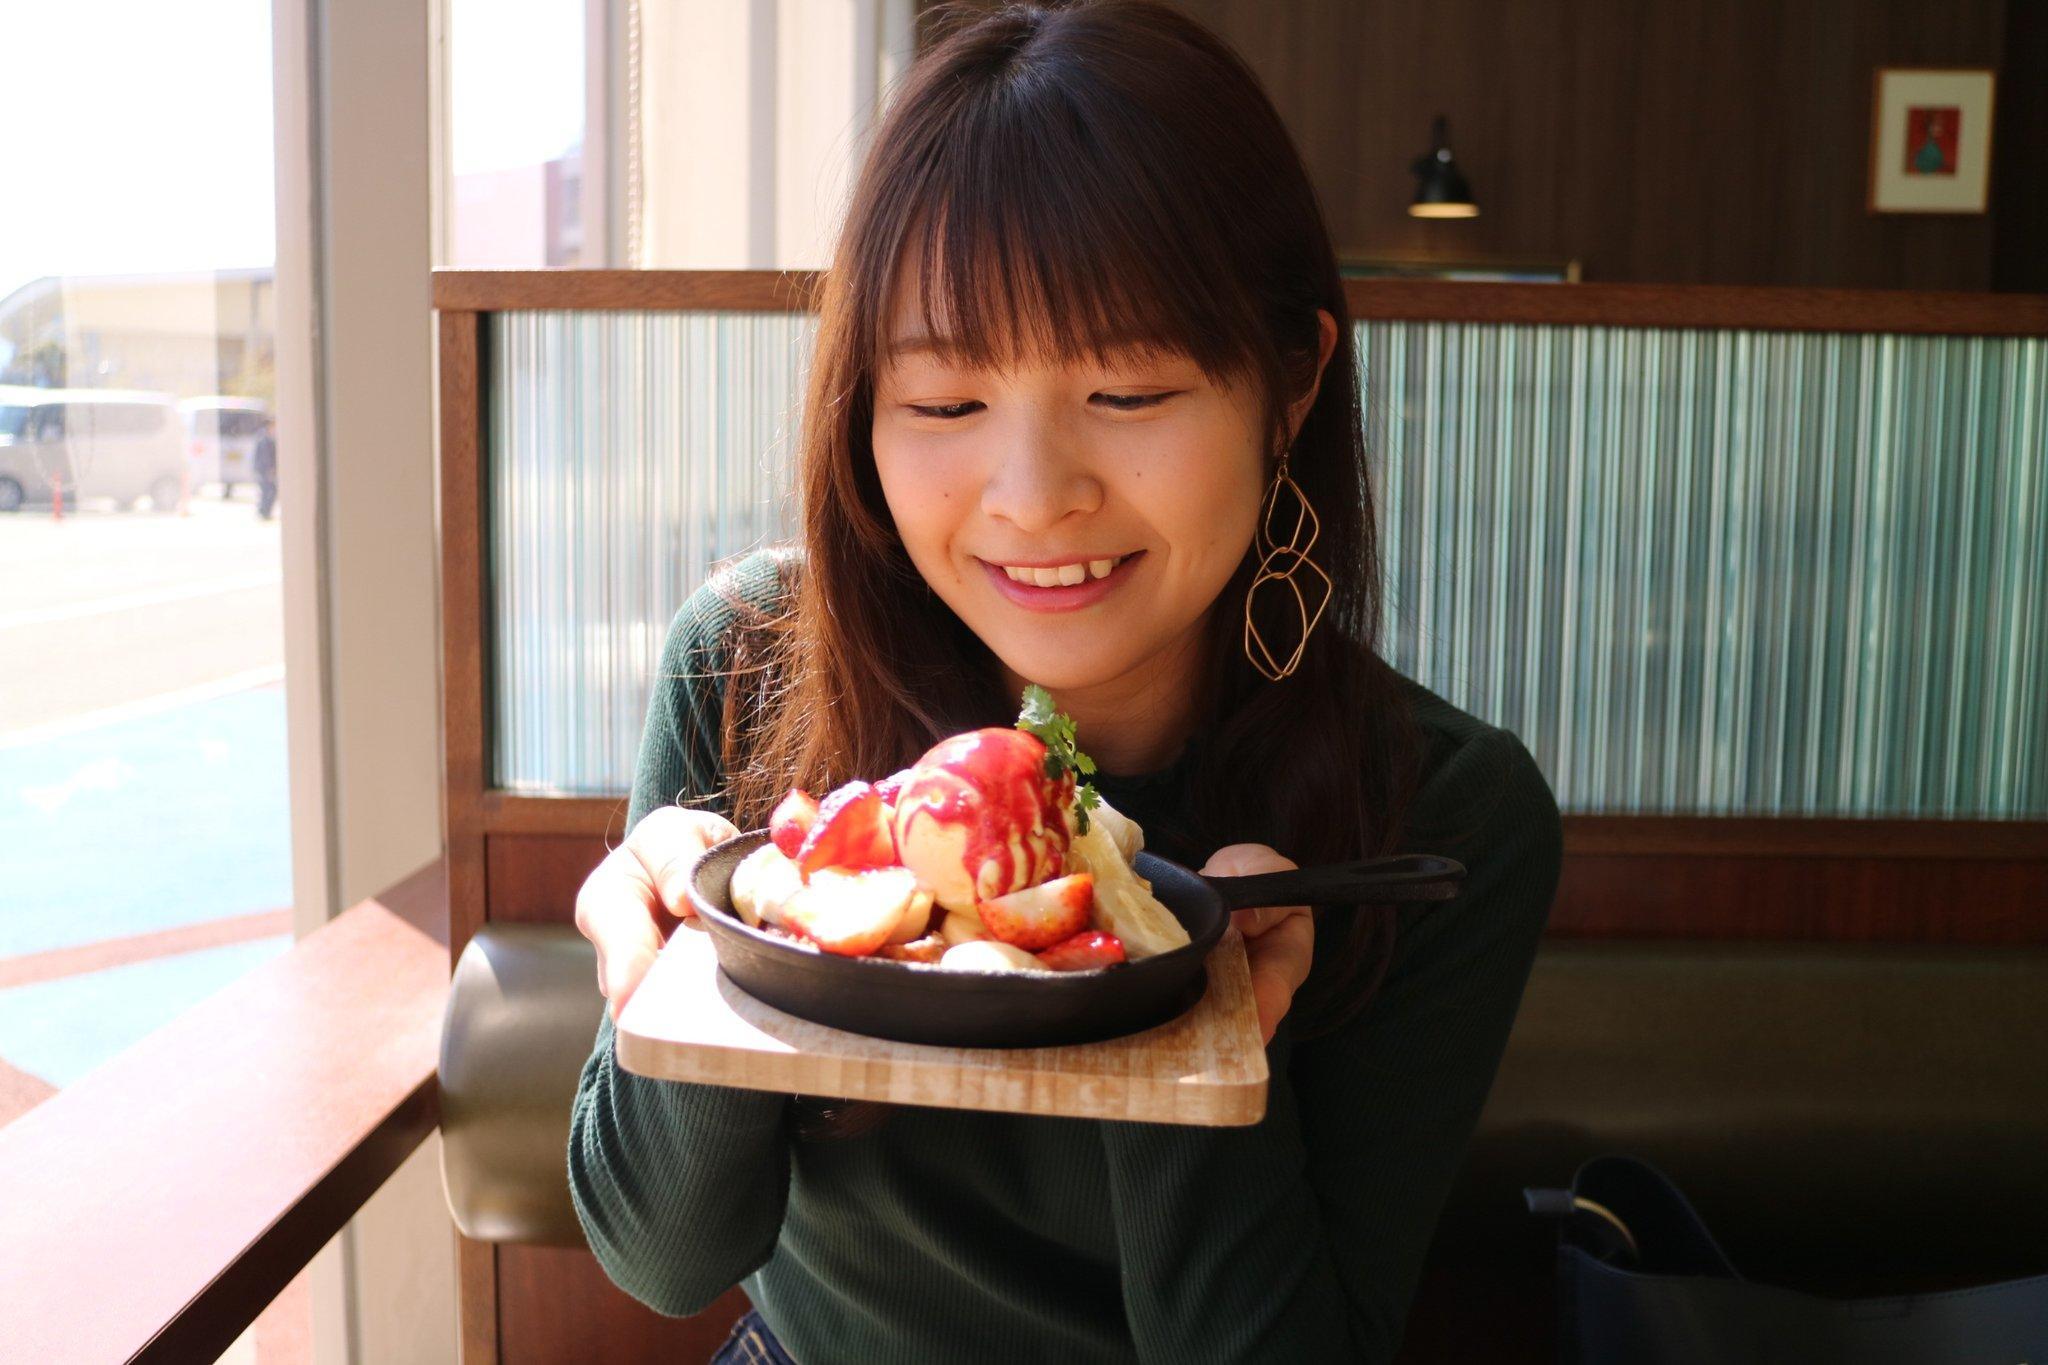 https://emifull.jp/emifulls_blog/11th/uploads/SsGRDmJY.jpg